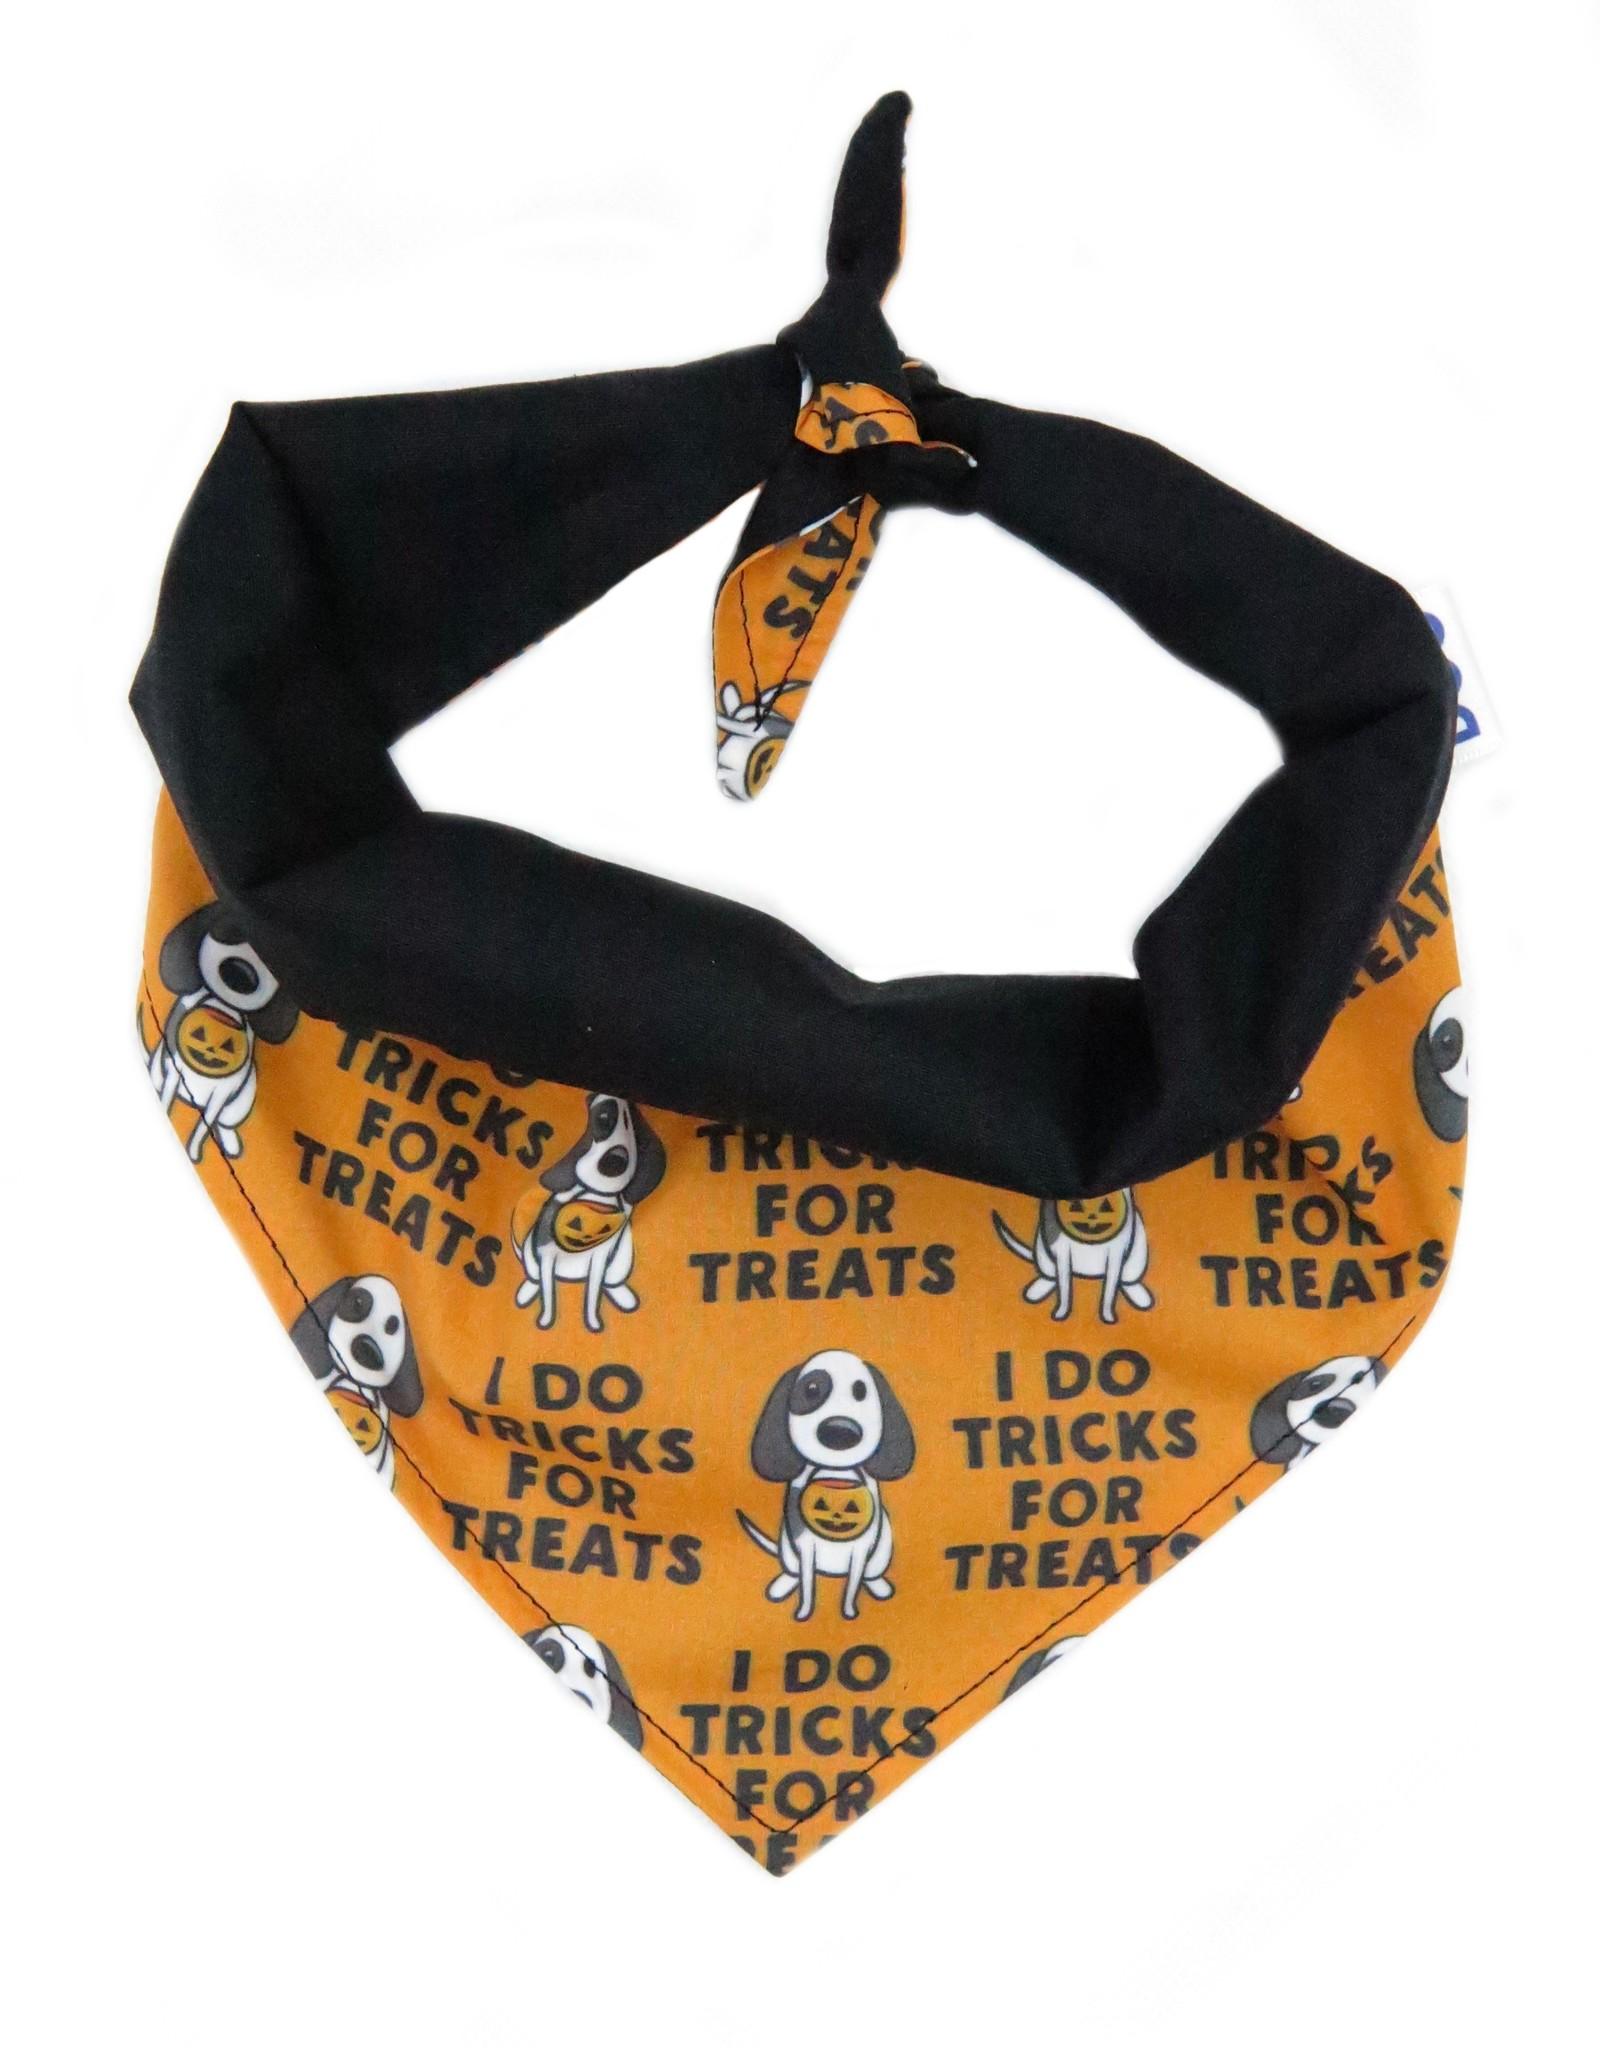 Tricks for treats bandana